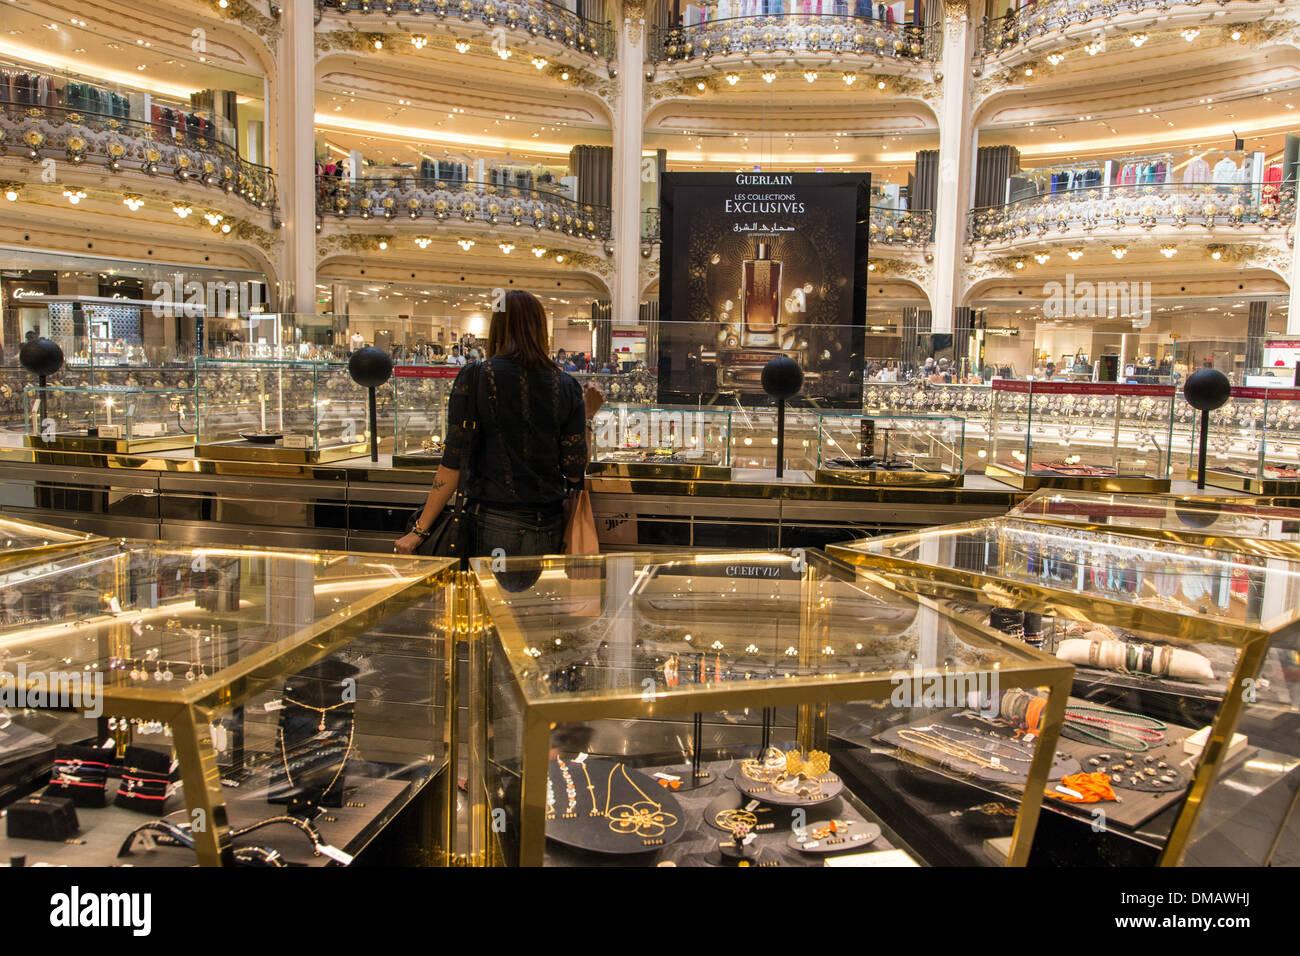 designer parfums ltd 57av  LUXURY GOODS AND DESIGNER PERFUMES BOUTIQUES AT GALERIES LAFAYETTE,  DEPARTMENT STORES, PARIS 75